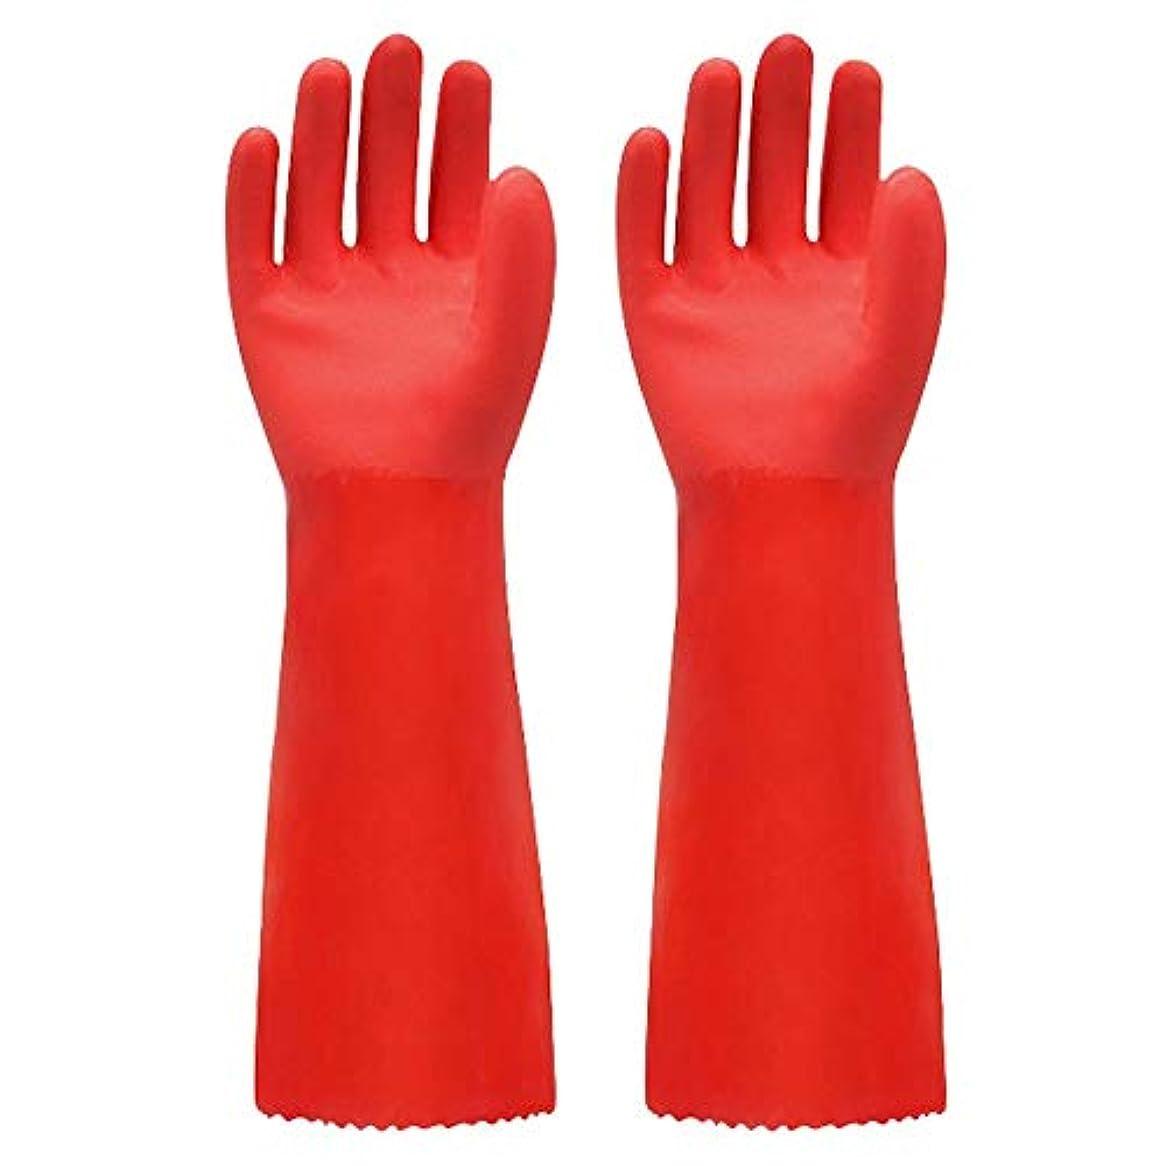 カストディアンたくさんのリスク使い捨て手袋 ゴム手袋長く暖かいとビロードのゴム製防水と耐久性のある手袋、1ペア ニトリルゴム手袋 (Color : RED, Size : L)